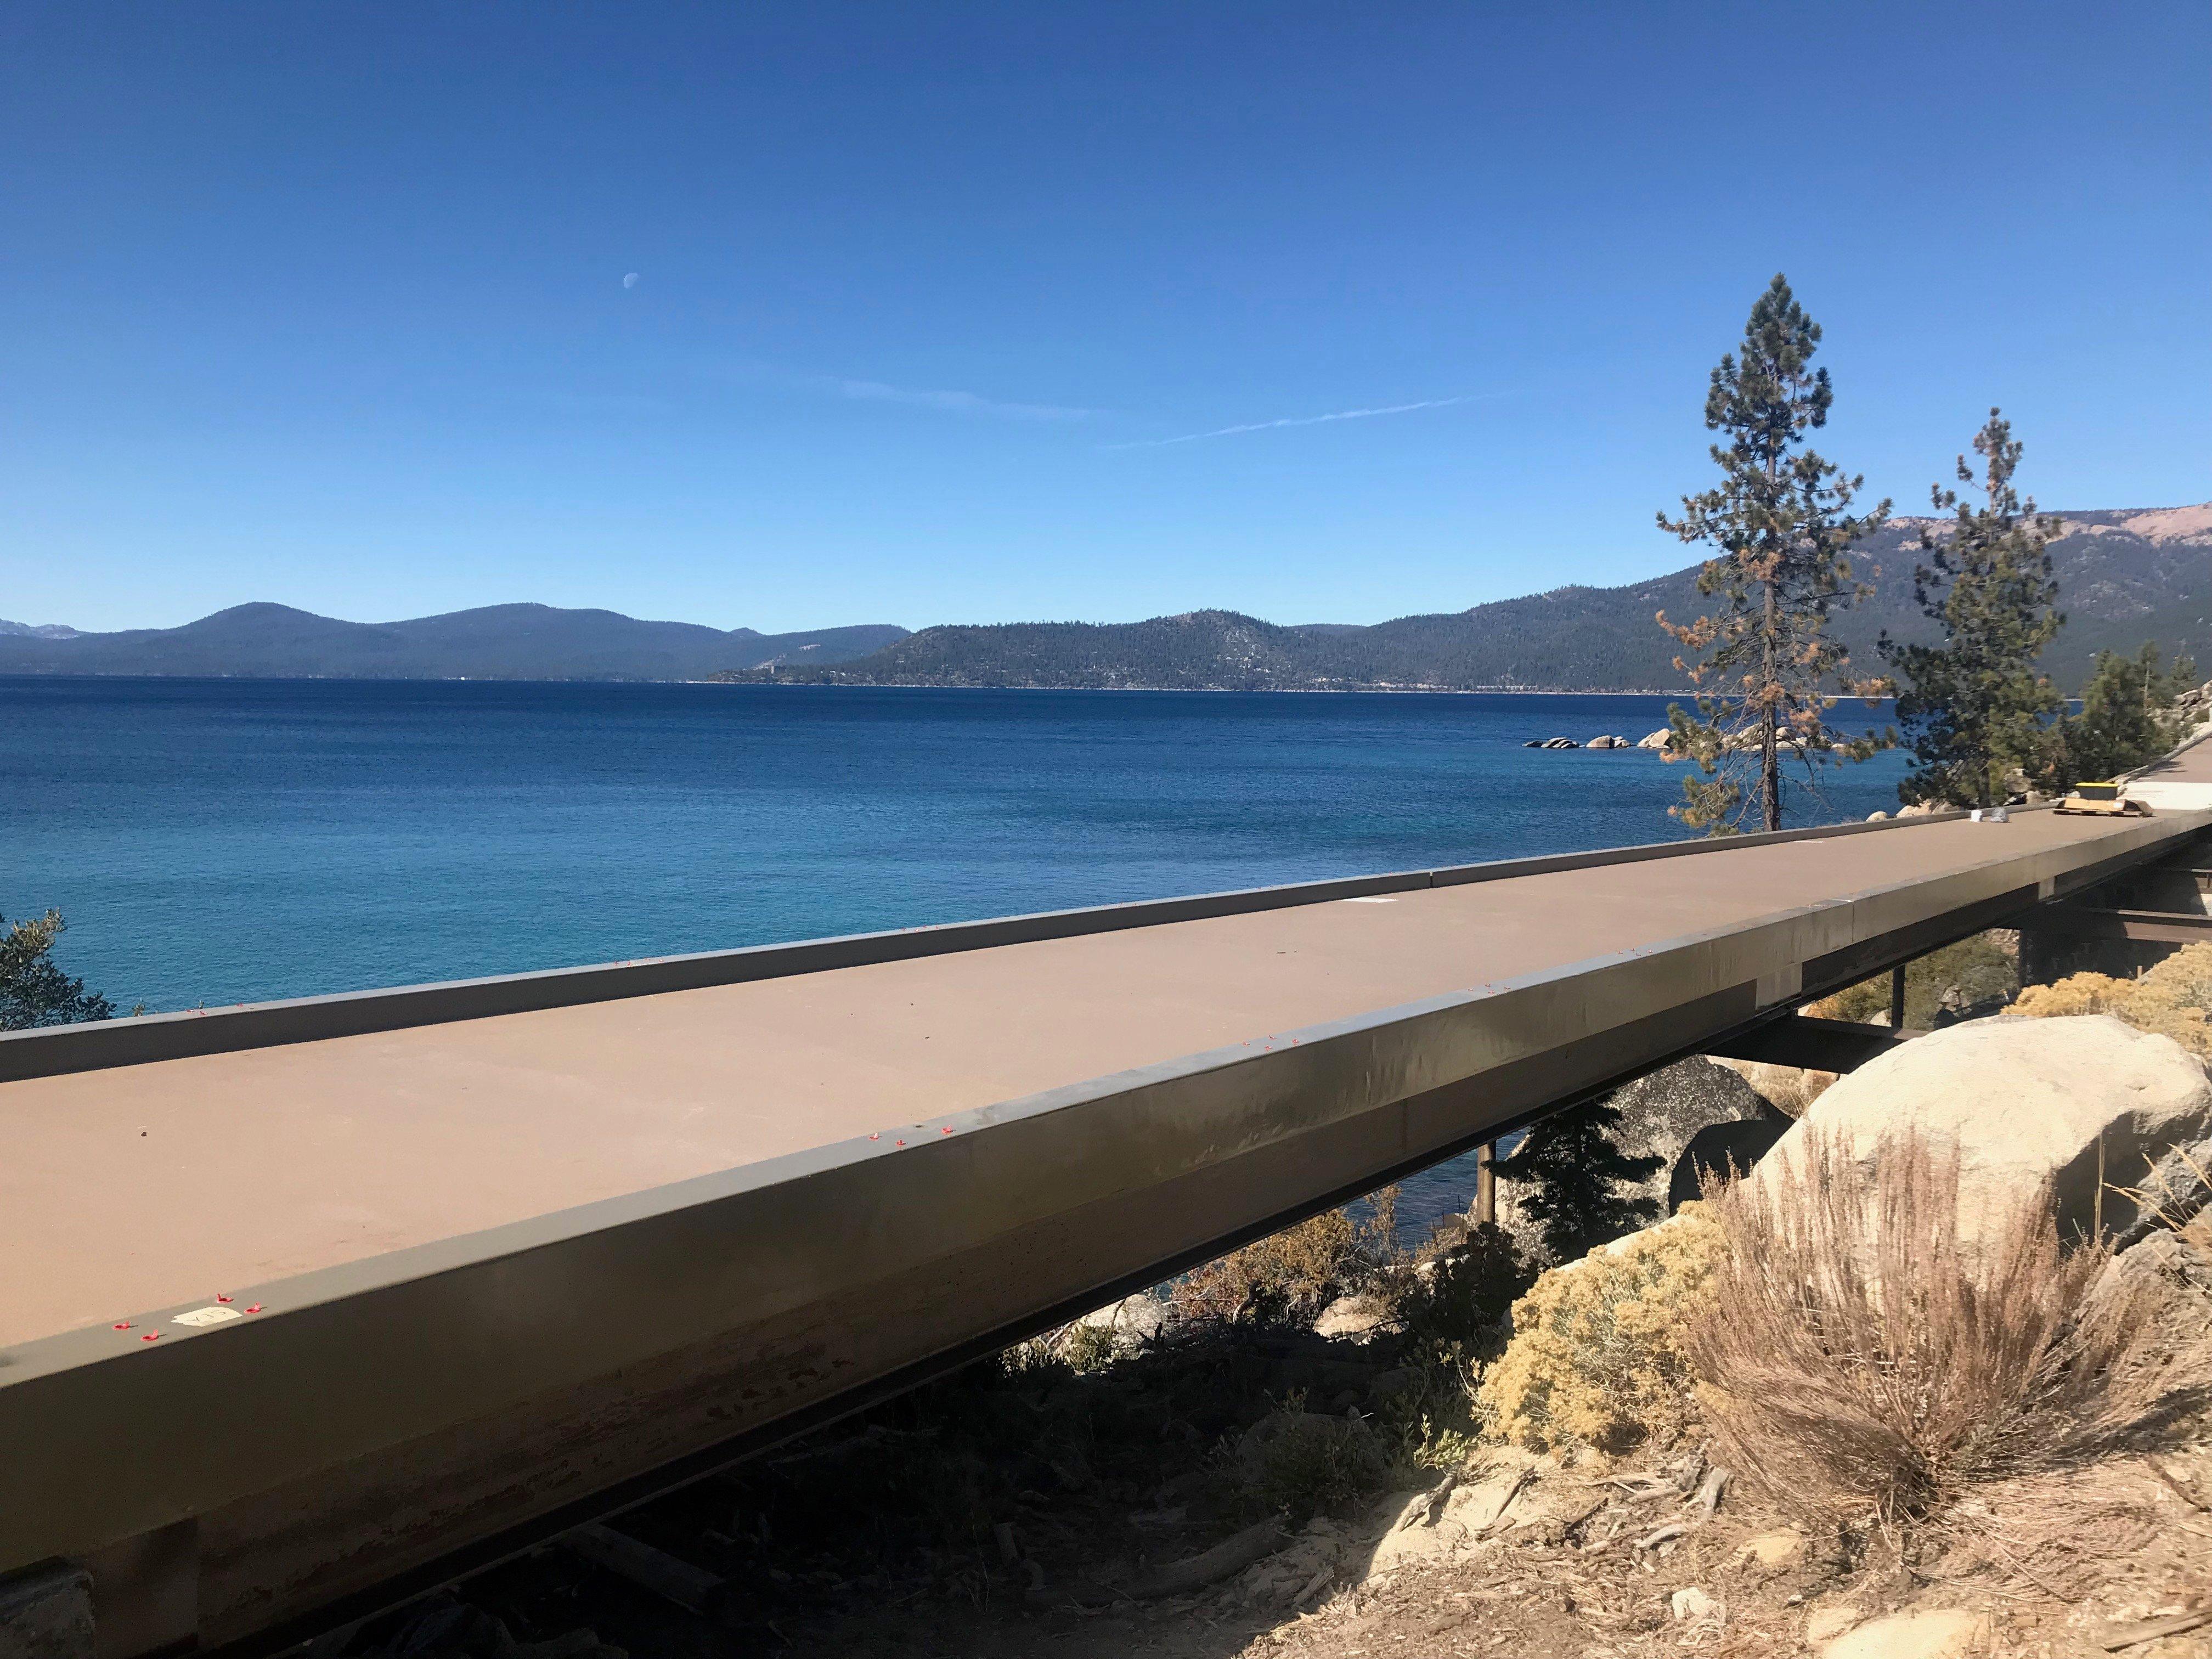 Lake Tahoe Pedestrian Bridge